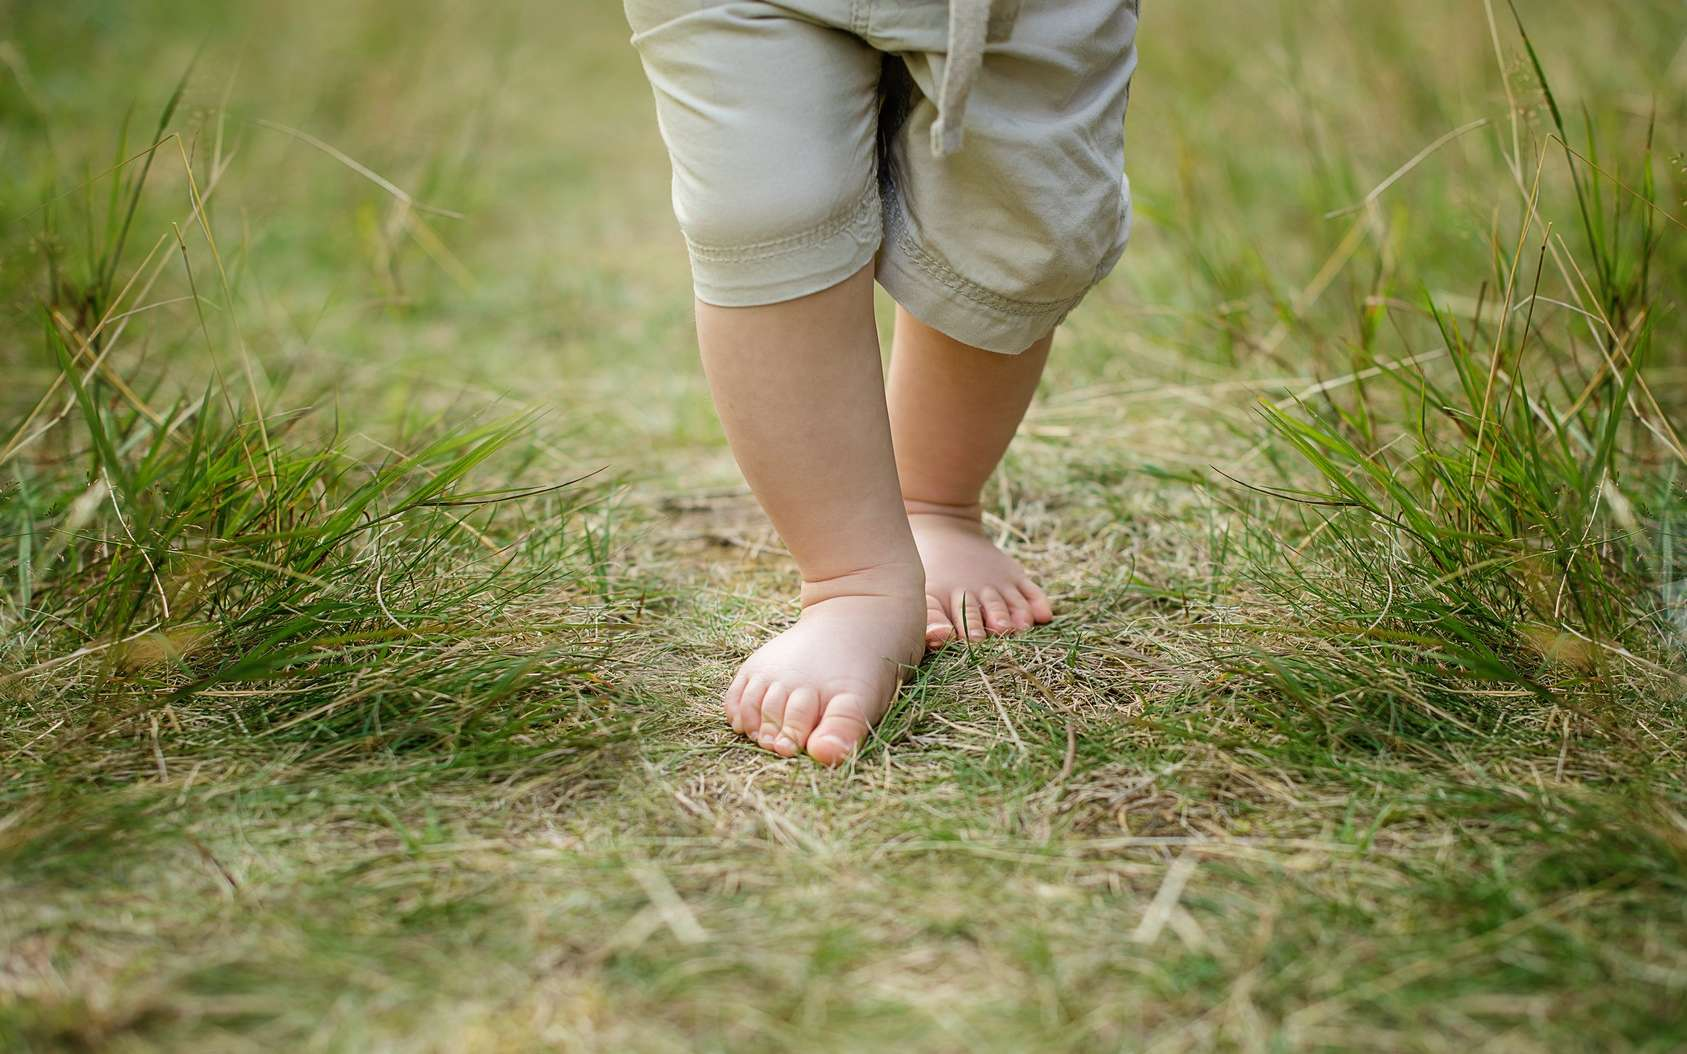 Les enfants qui passent la majeure partie de leur temps pieds nus ont un pied plus large et moins de déformations. © Lumistudio, Fotolia